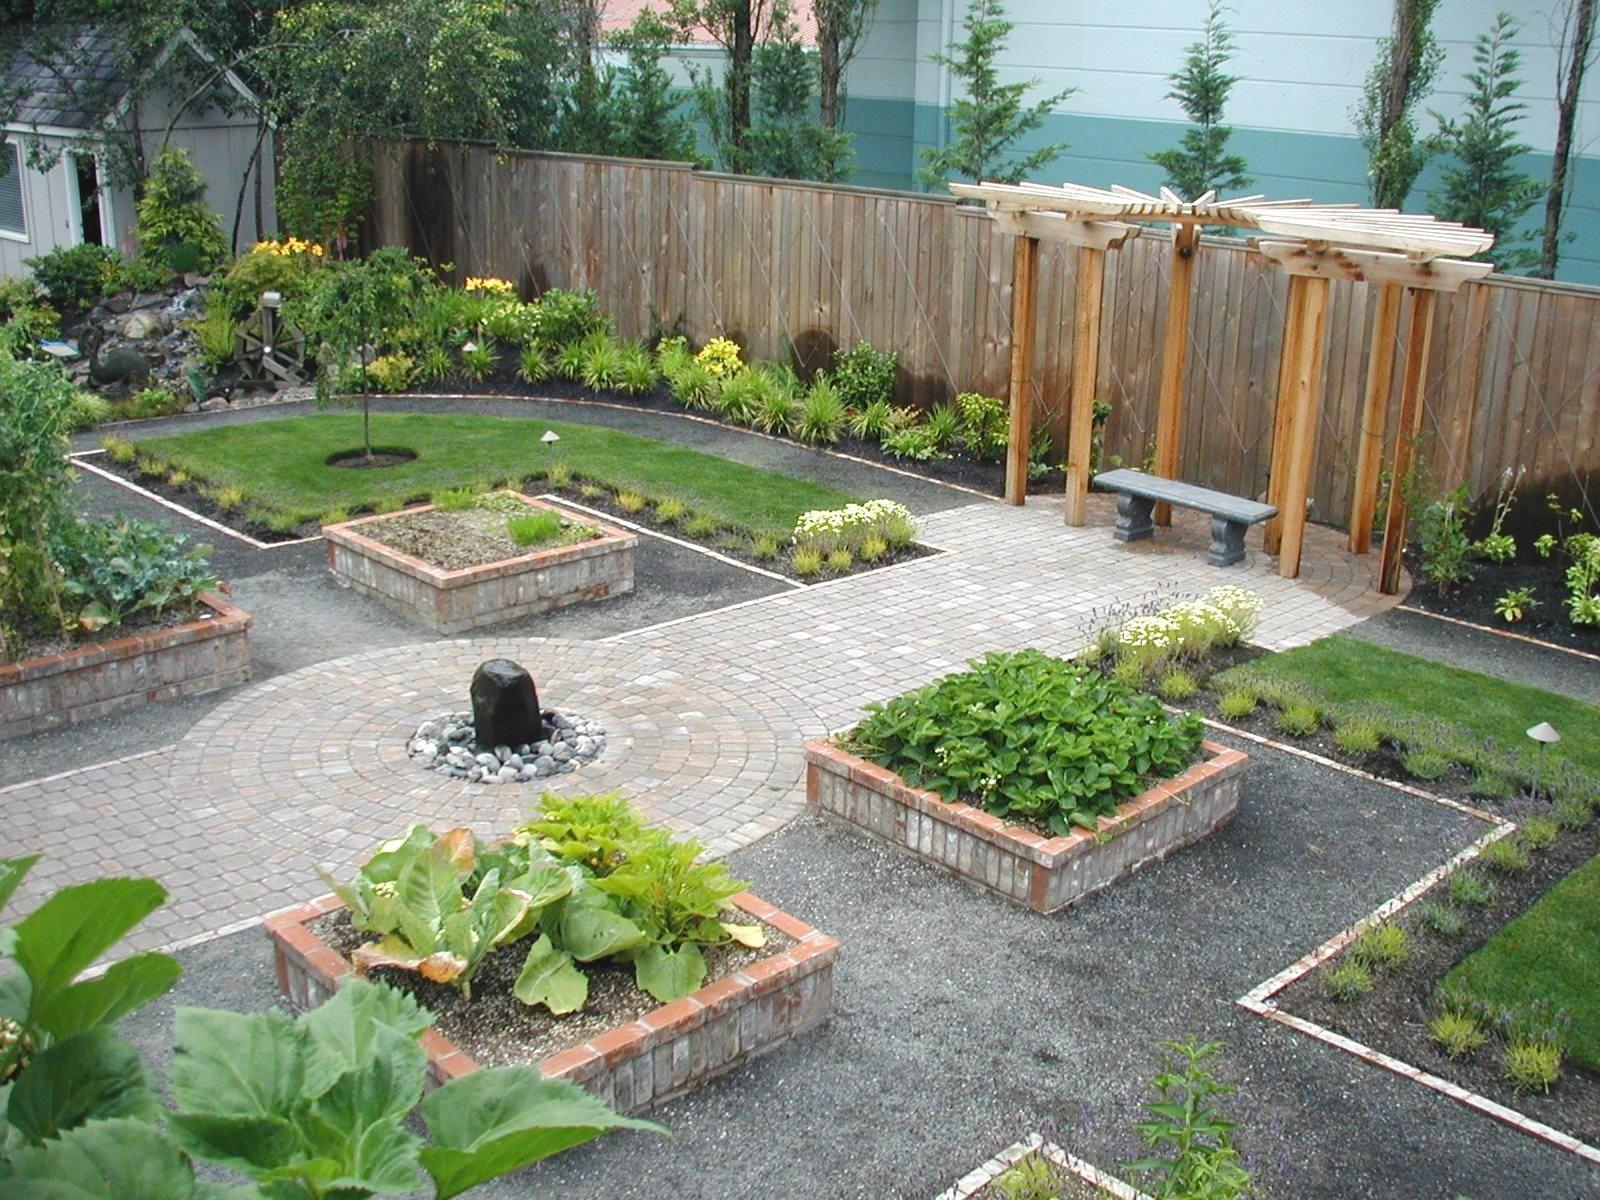 Bailey Jpg 1 600 1 200 Pixels Diy Planters Outdoor Garden Landscape Design Gravel Landscaping